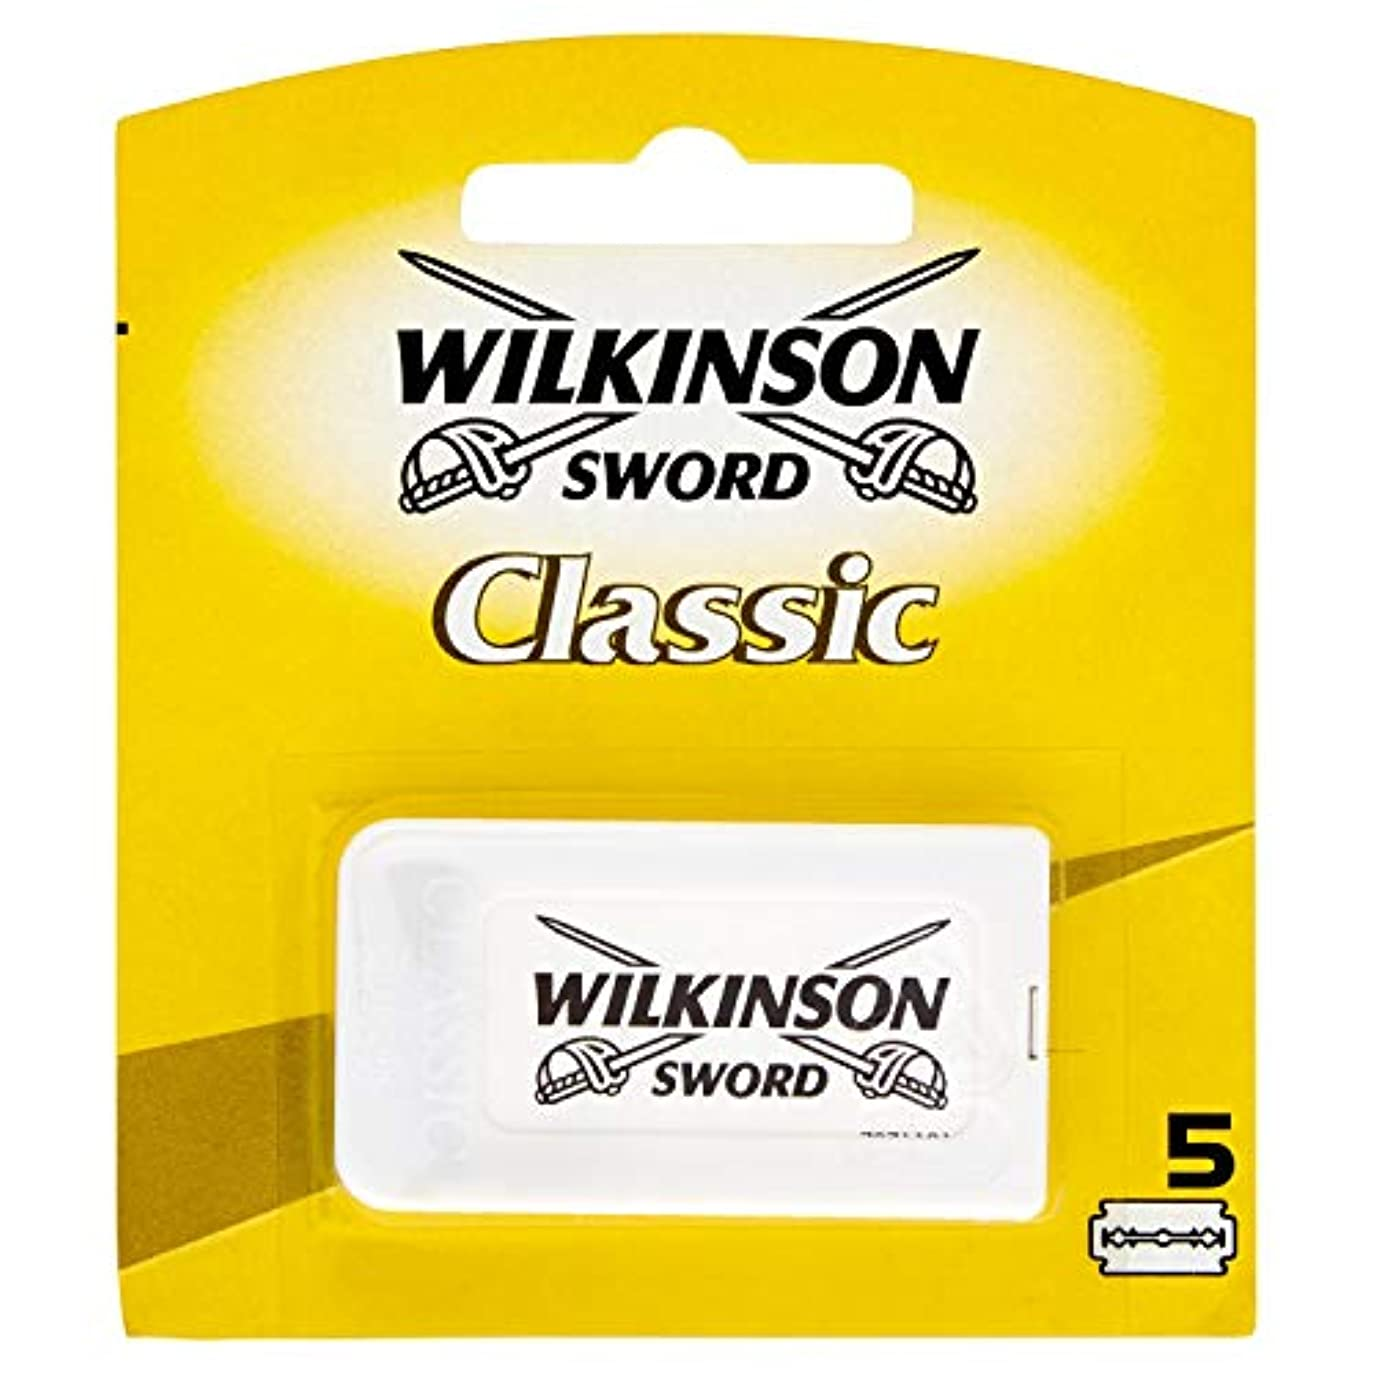 補う社会主義者ウールWilkinson Sword(ウィルキンソンソード) Classic 両刃替刃 5個入り [並行輸入品]